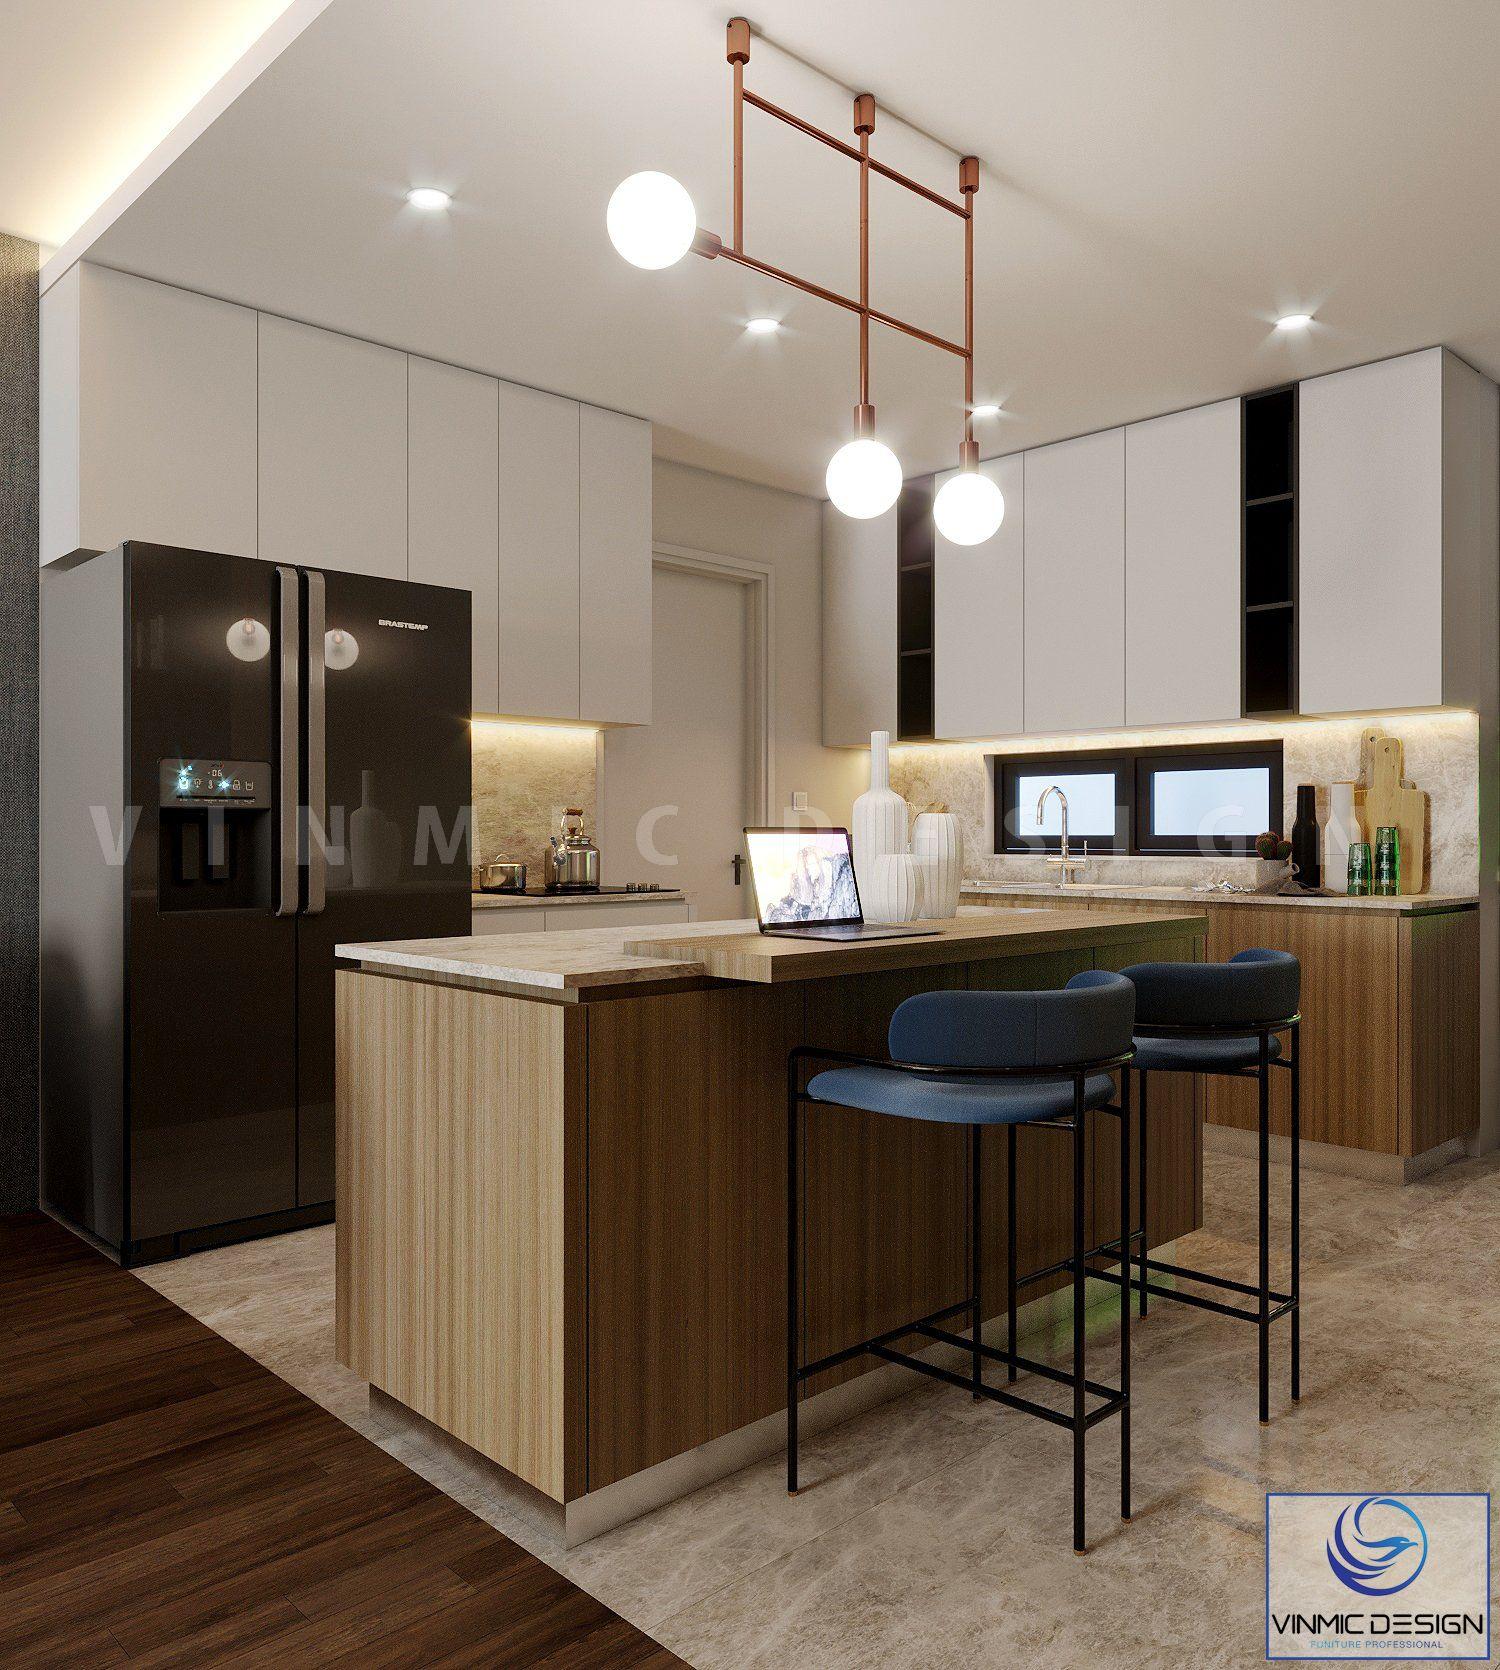 Không gian phòng bếp được sắp xếp công năng hợp lý